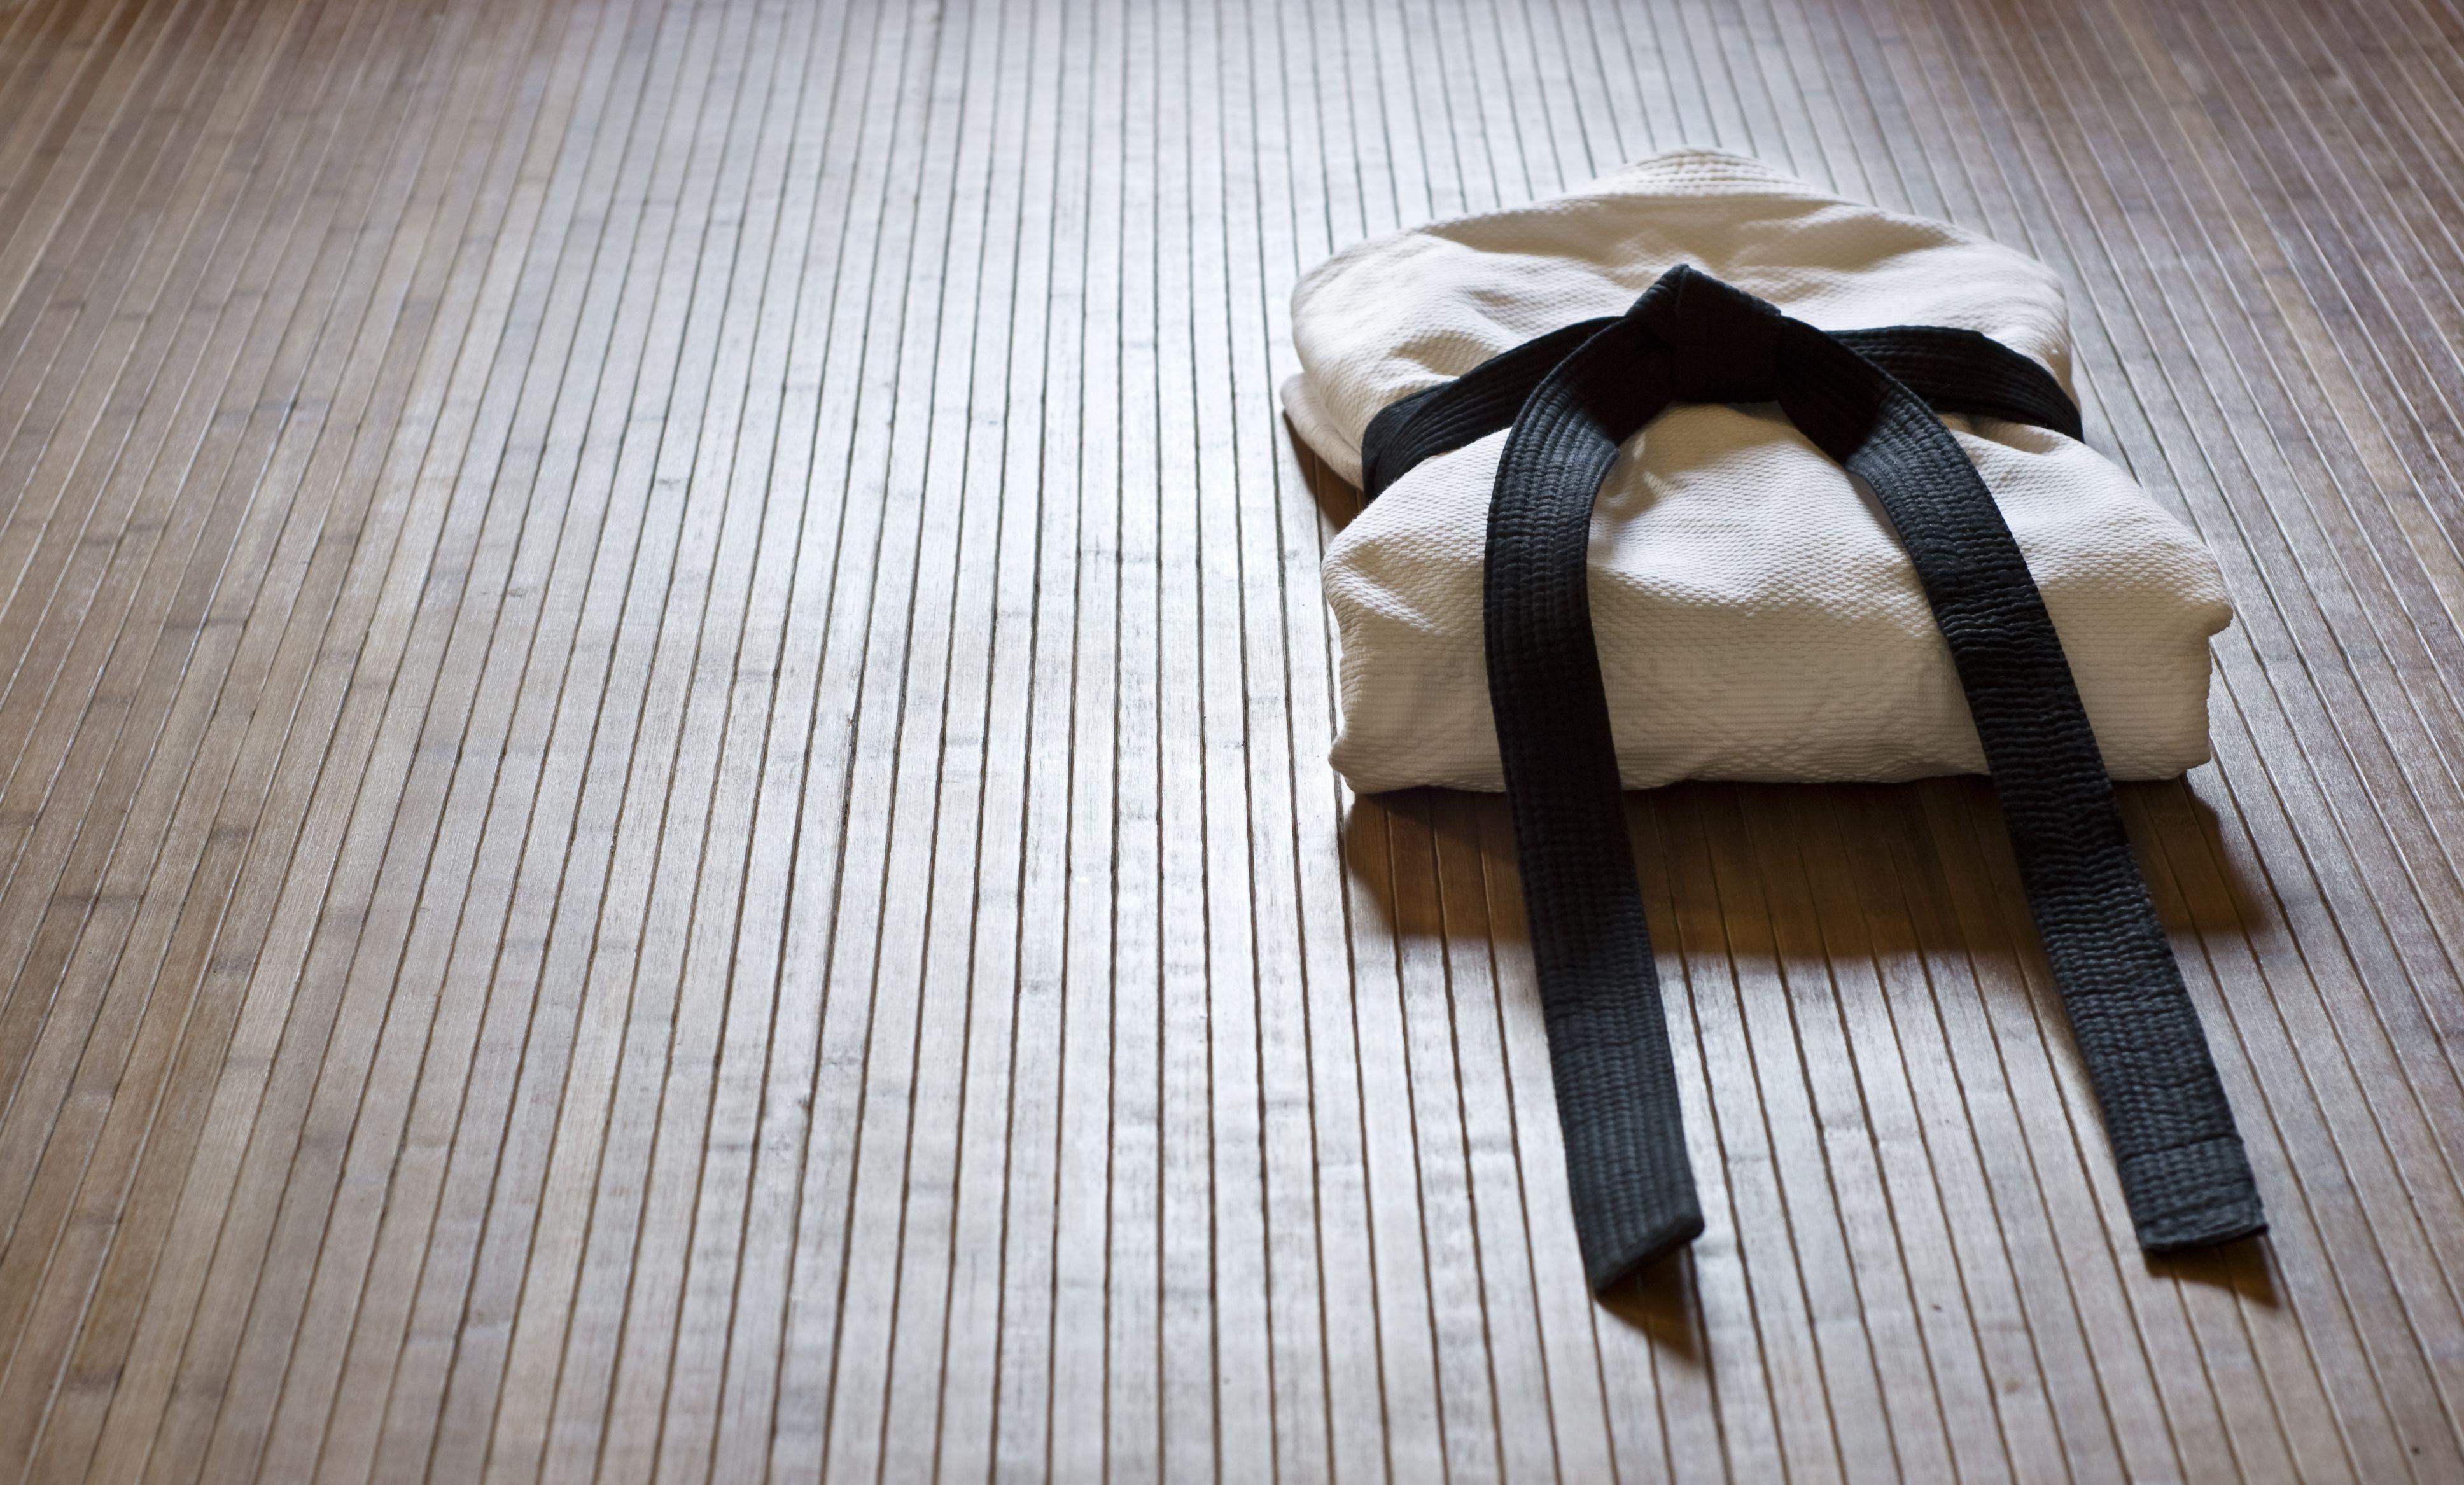 Escuela de taekwondo en Mataró